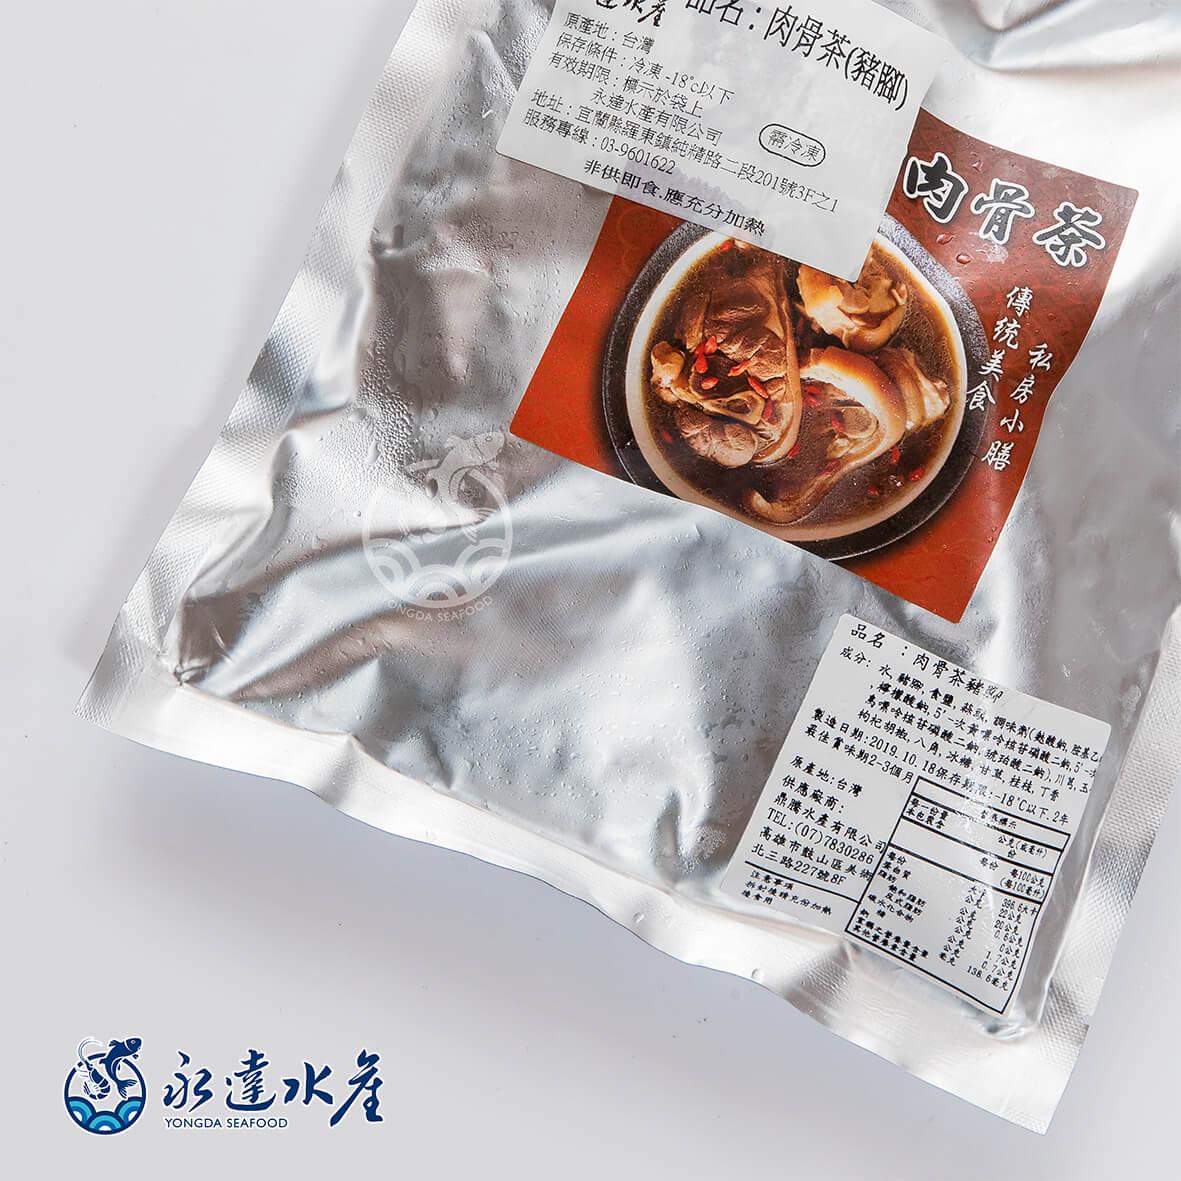 湯品|肉骨茶|豬腳湯|茶湯|豬腳|豬肉